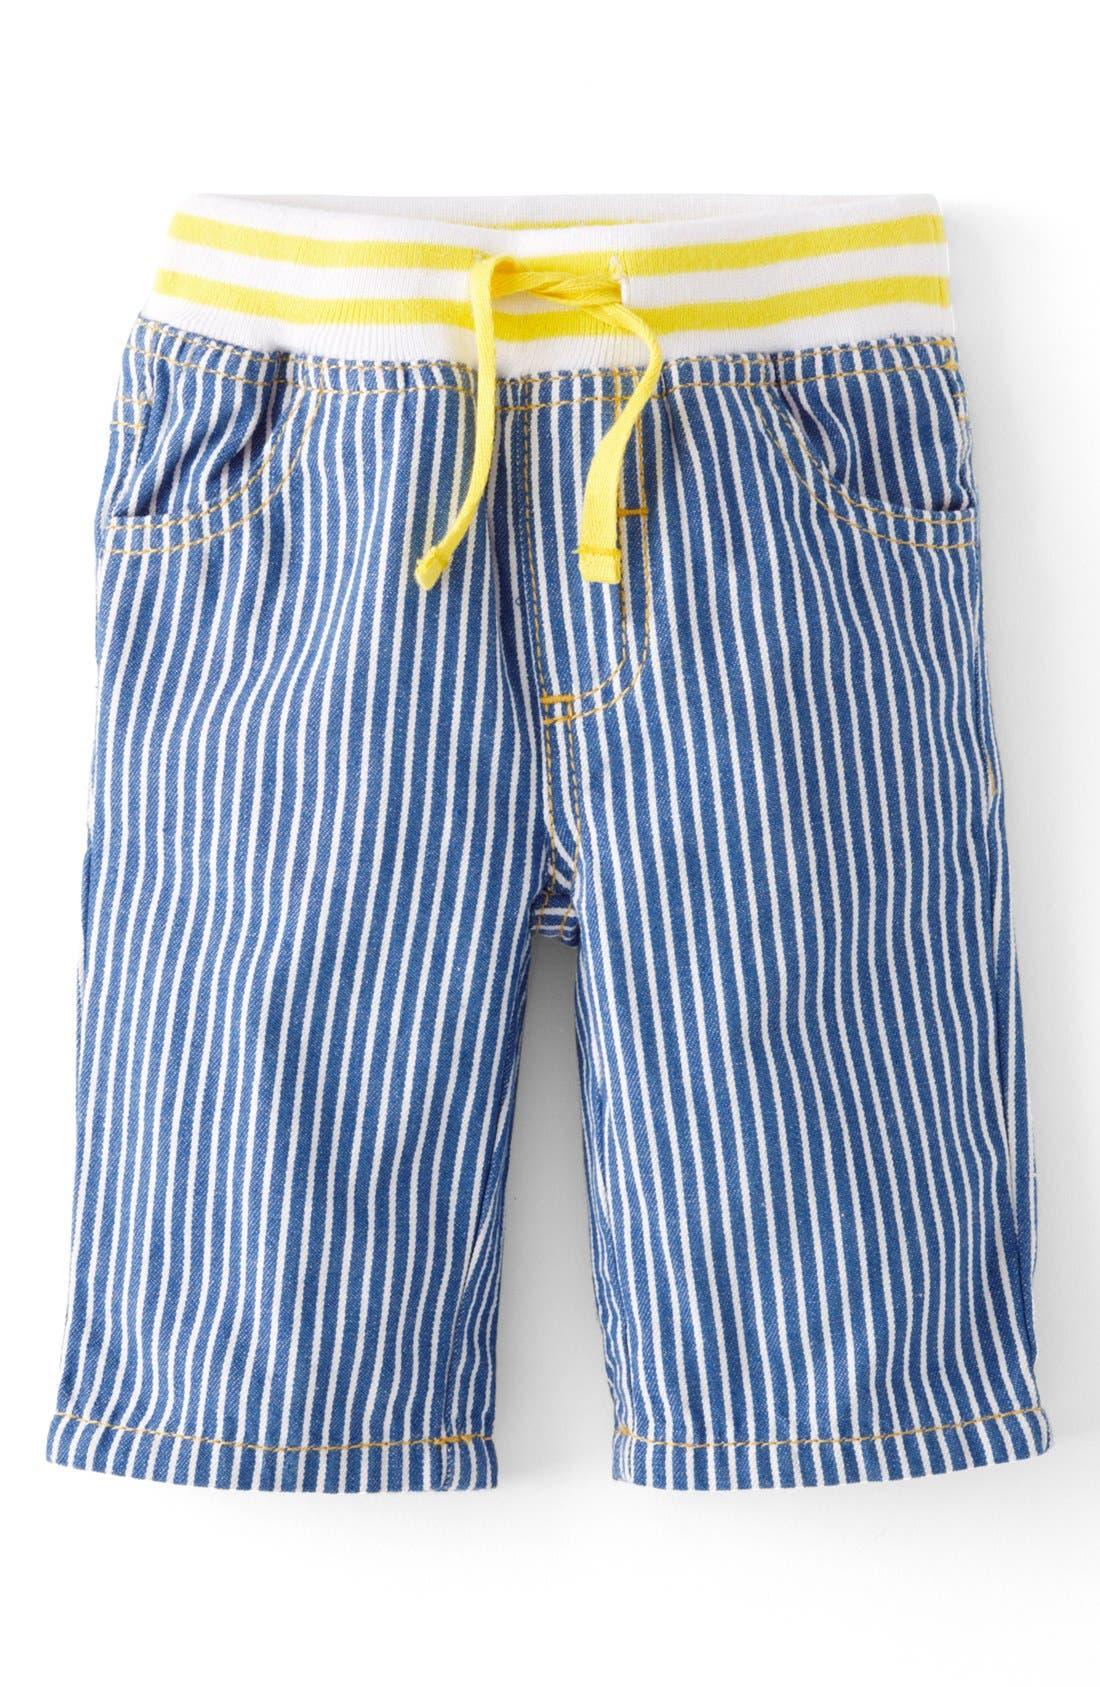 Alternate Image 1 Selected - Mini Boden Straight Leg Jeans (Baby Boys)